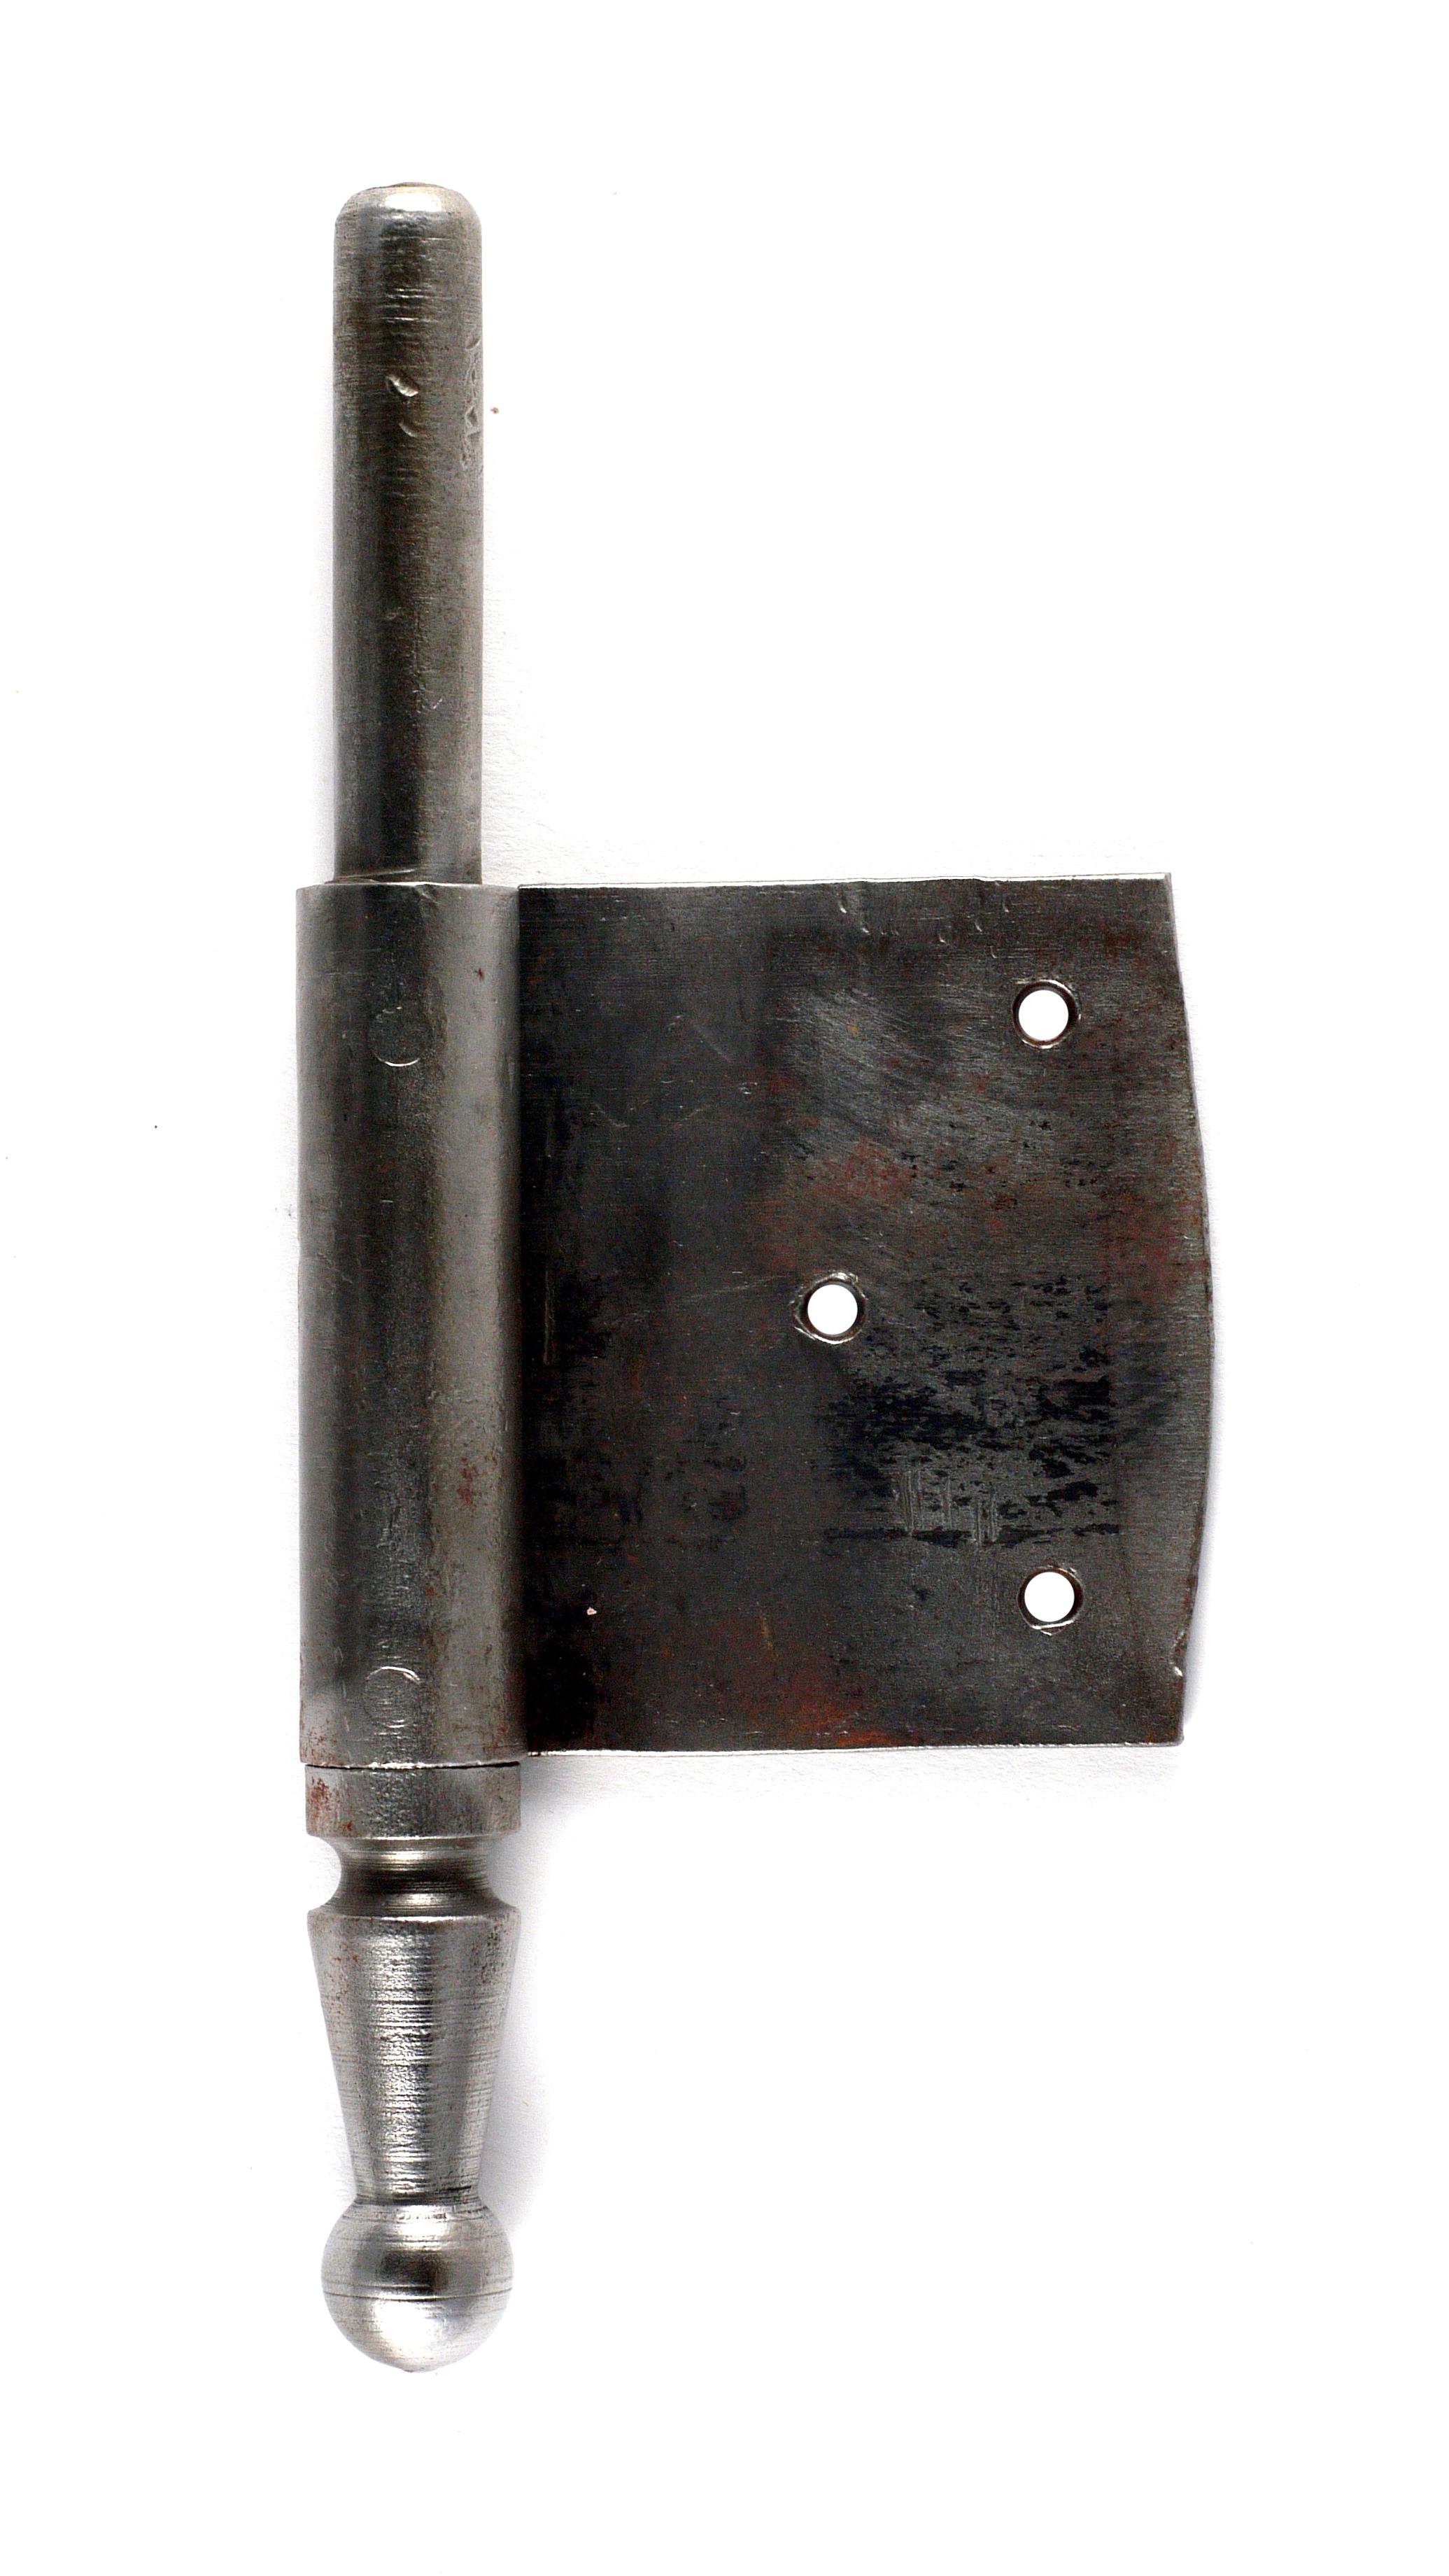 Fitschenband 1/2 in Eisen DIN rechts